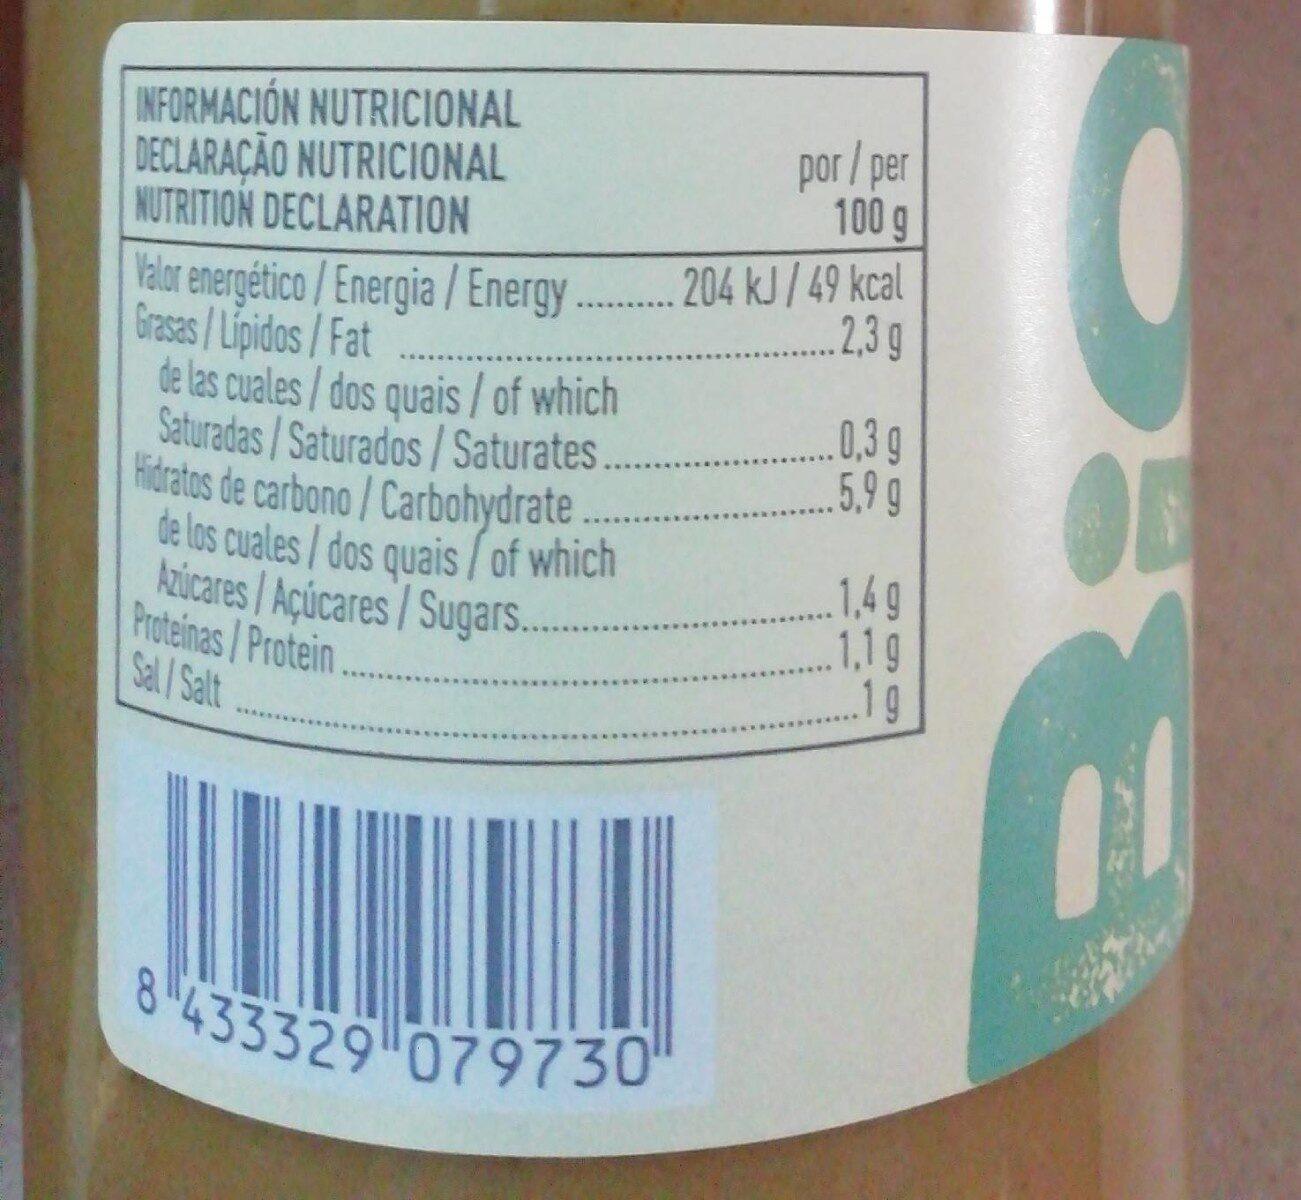 Crema de verduras ecológica y sin gluten - Información nutricional - fr